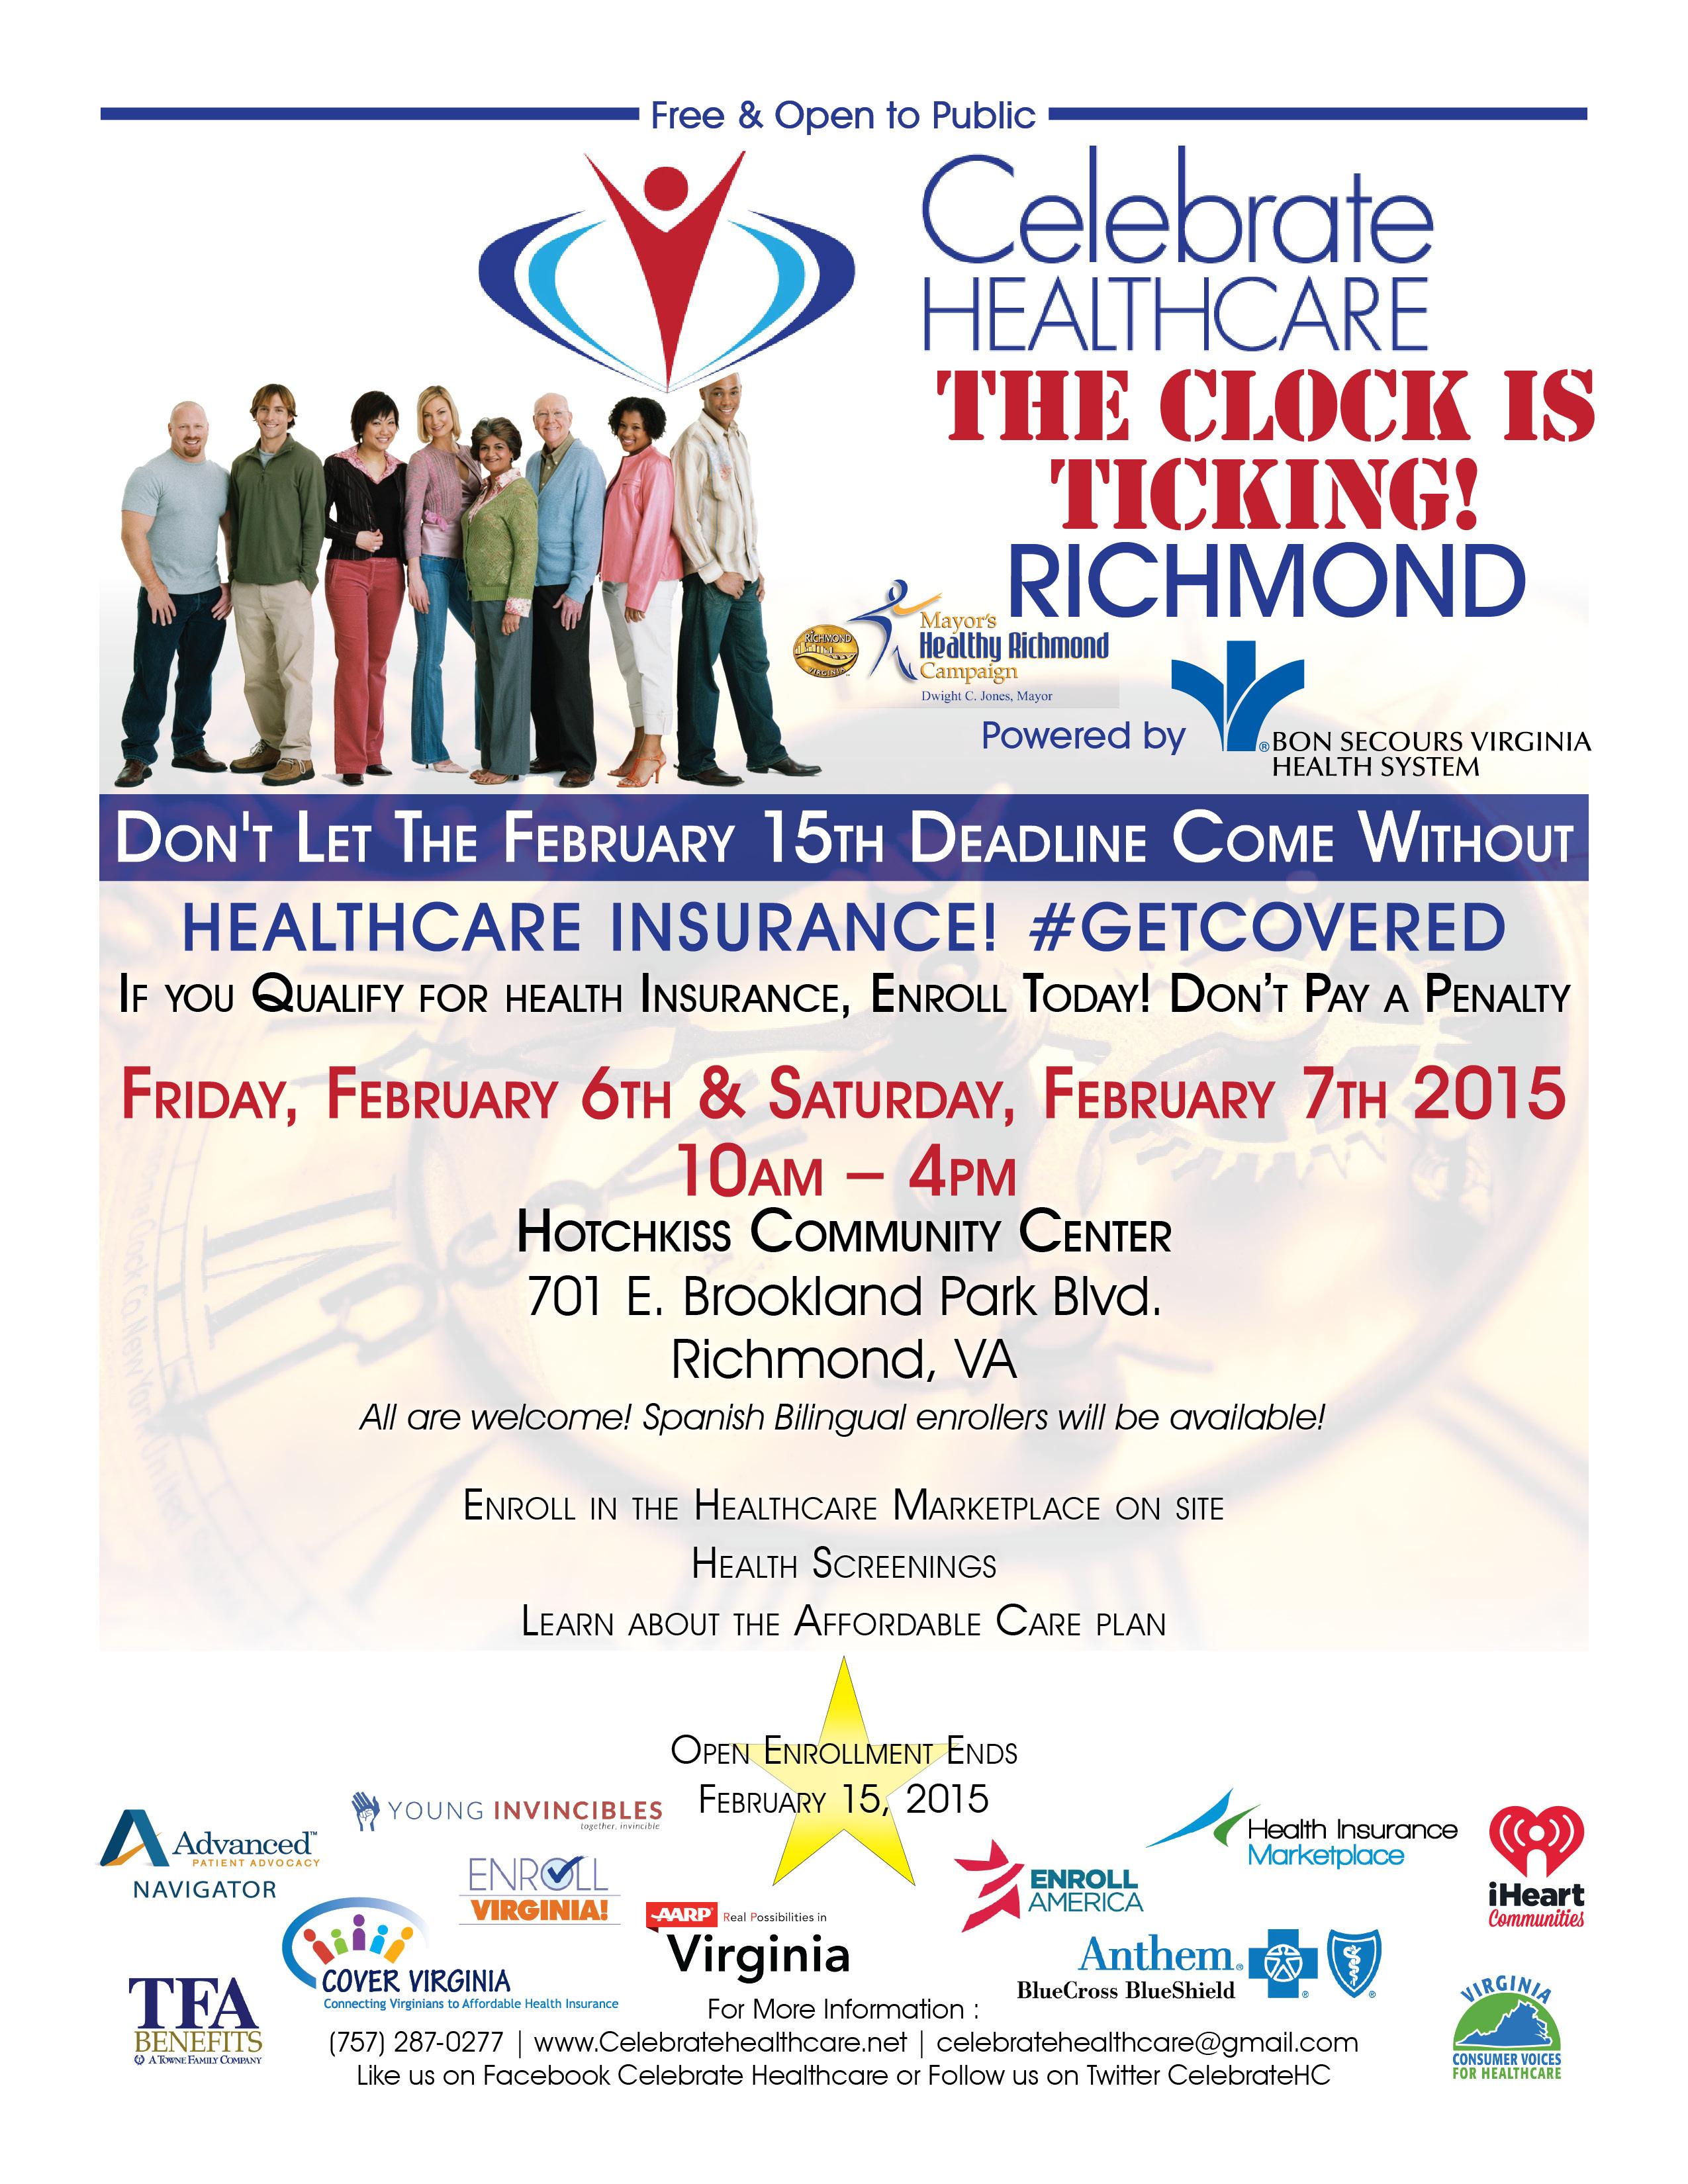 2015 CH Richmond Feb 6 & 7